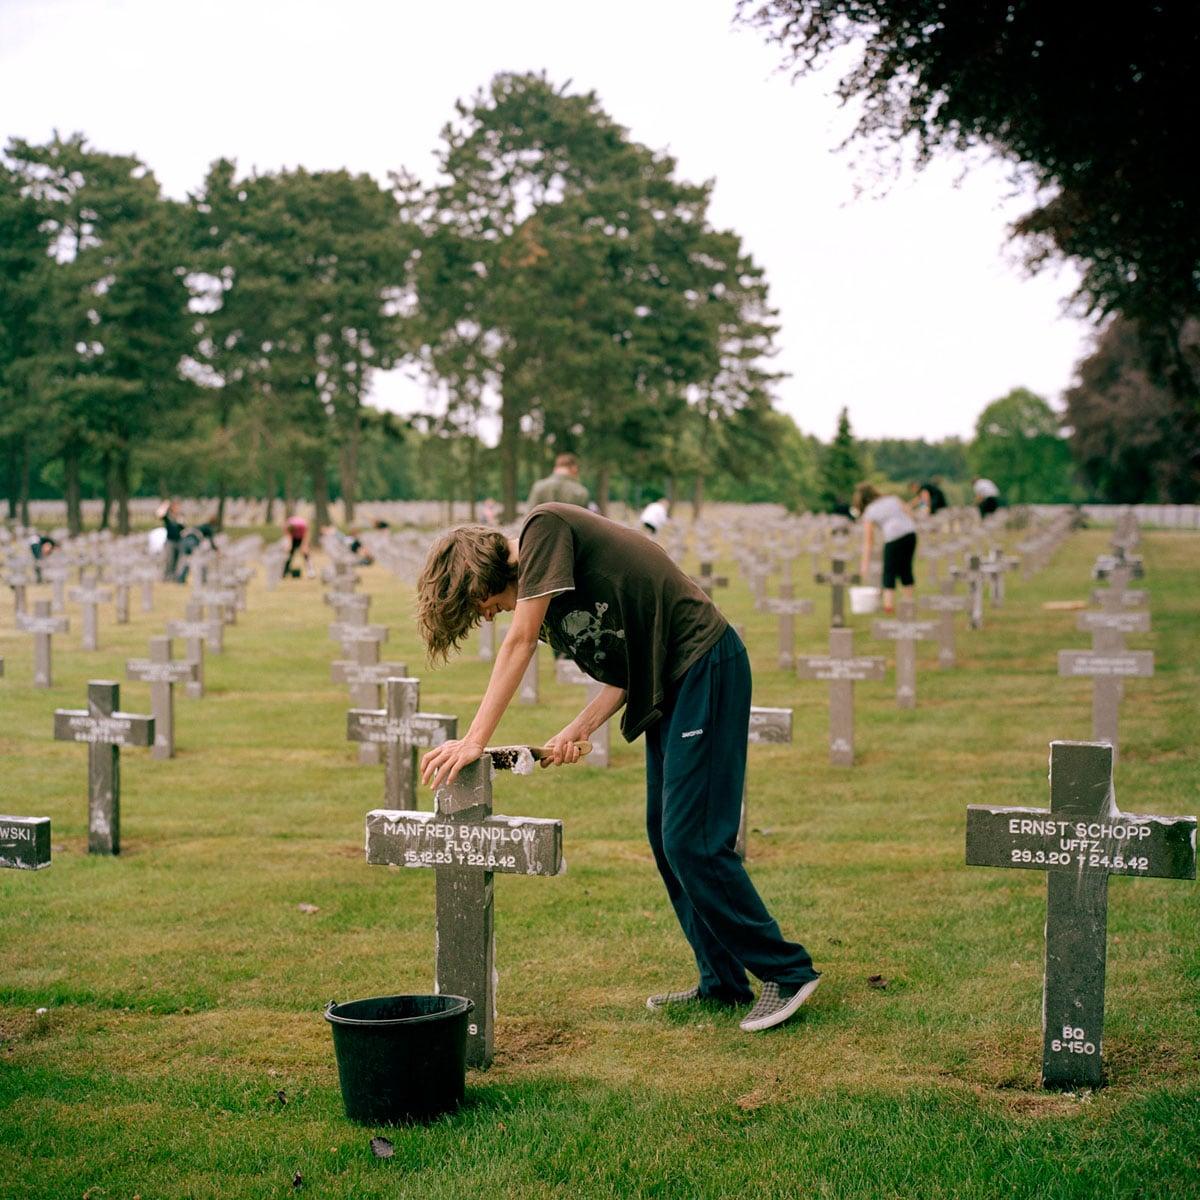 Nederland, Ysselsteyn, 18-05-2011 Herbegrafenis van Bruno Sander, Fried Janssen, Horst Quietzsch en twee onbekende Duitse Soldaten uit de Tweede Wereld Oorlog. De begrafenis vond plaats in het bijzijn van familie van een van de slachtoffer, Duitse en Nederlandse Militairen en schoolkinderen. De Duitse militaire begraafplaats in Ysselsteyn (Limburg) is de grootste militaire begraafplaats in Nederland. Het is de enige Duitse militaire begraafplaats in Nederland. Er liggen voornamelijk omgekomen Duitse militairen van de Tweede Wereldoorlog begraven. PHOTO AND COPYRIGHT ROGER CREMERS